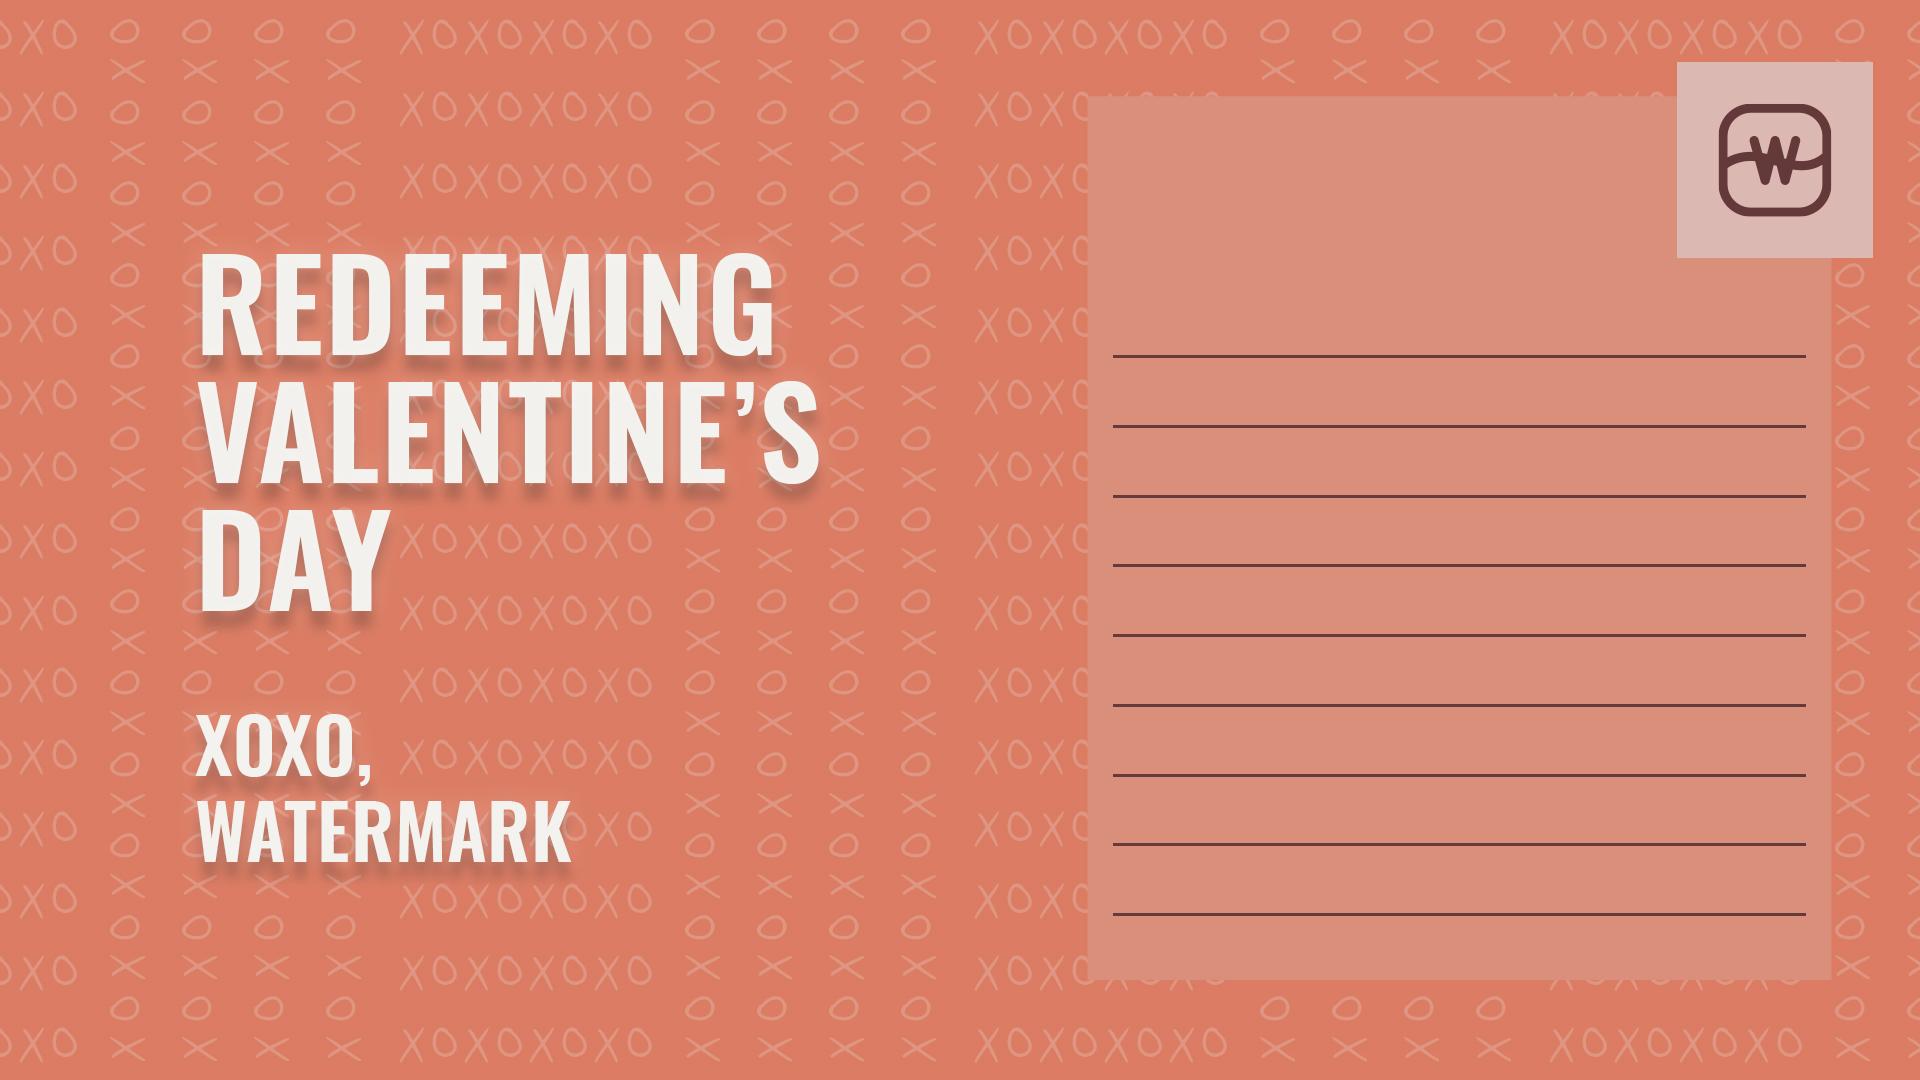 Redeeming Valentine's Day Hero Image